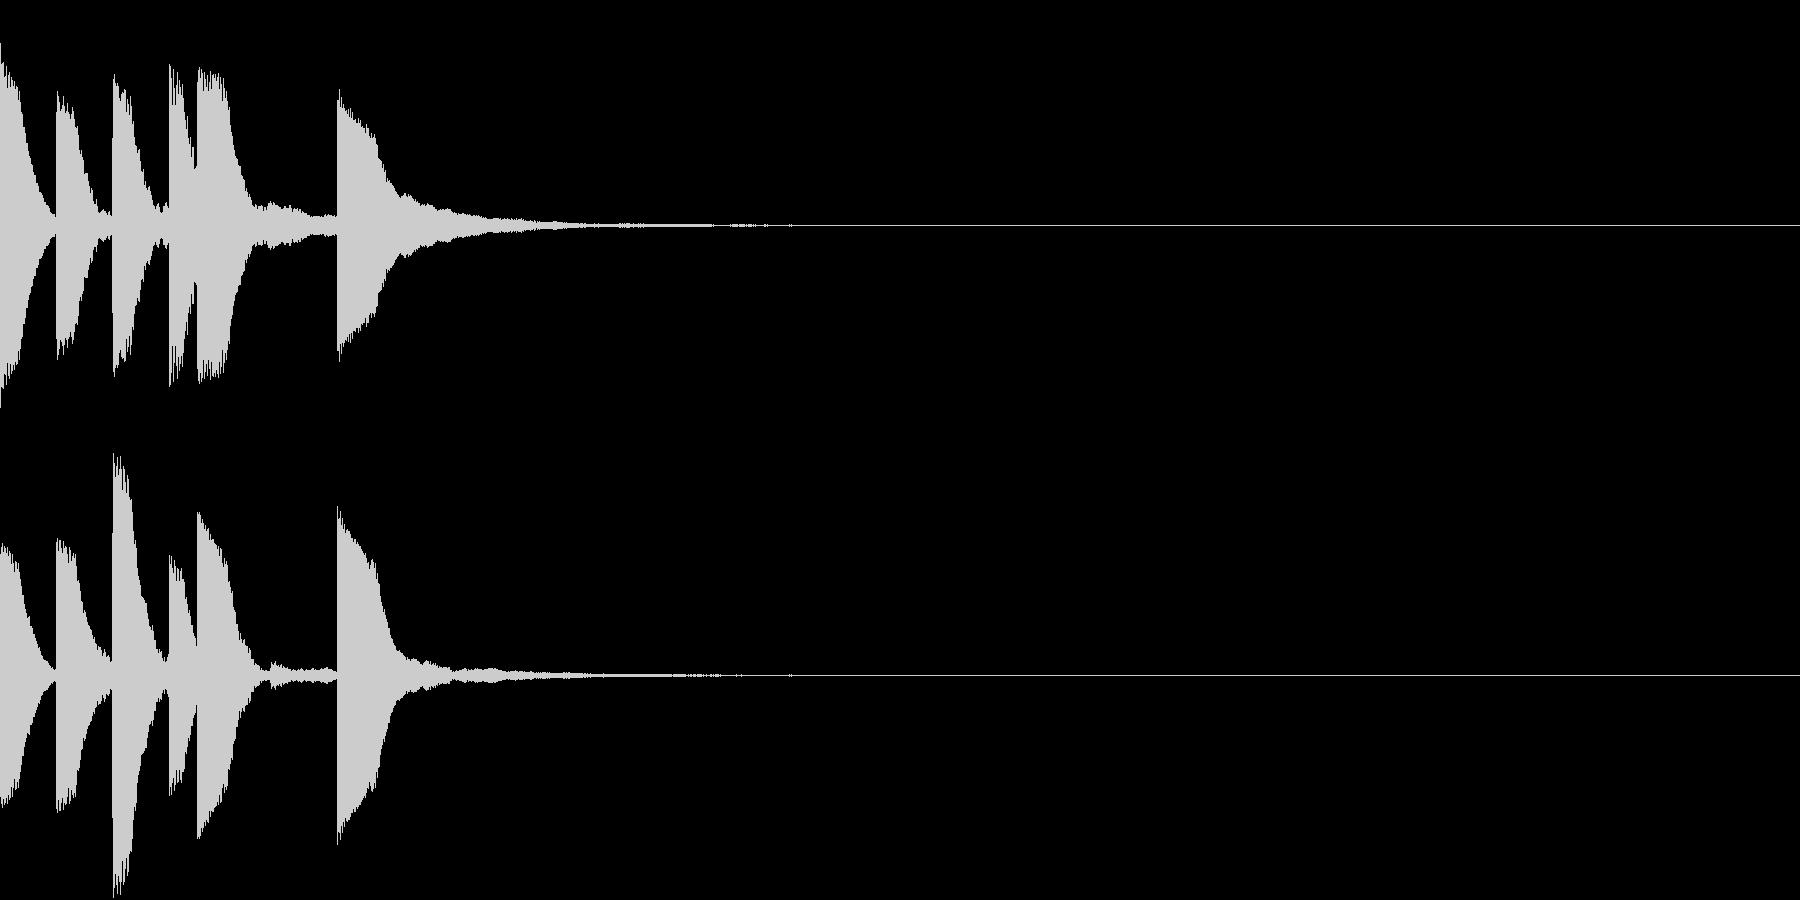 Anime ゆるかわアイキャッチ 2の未再生の波形